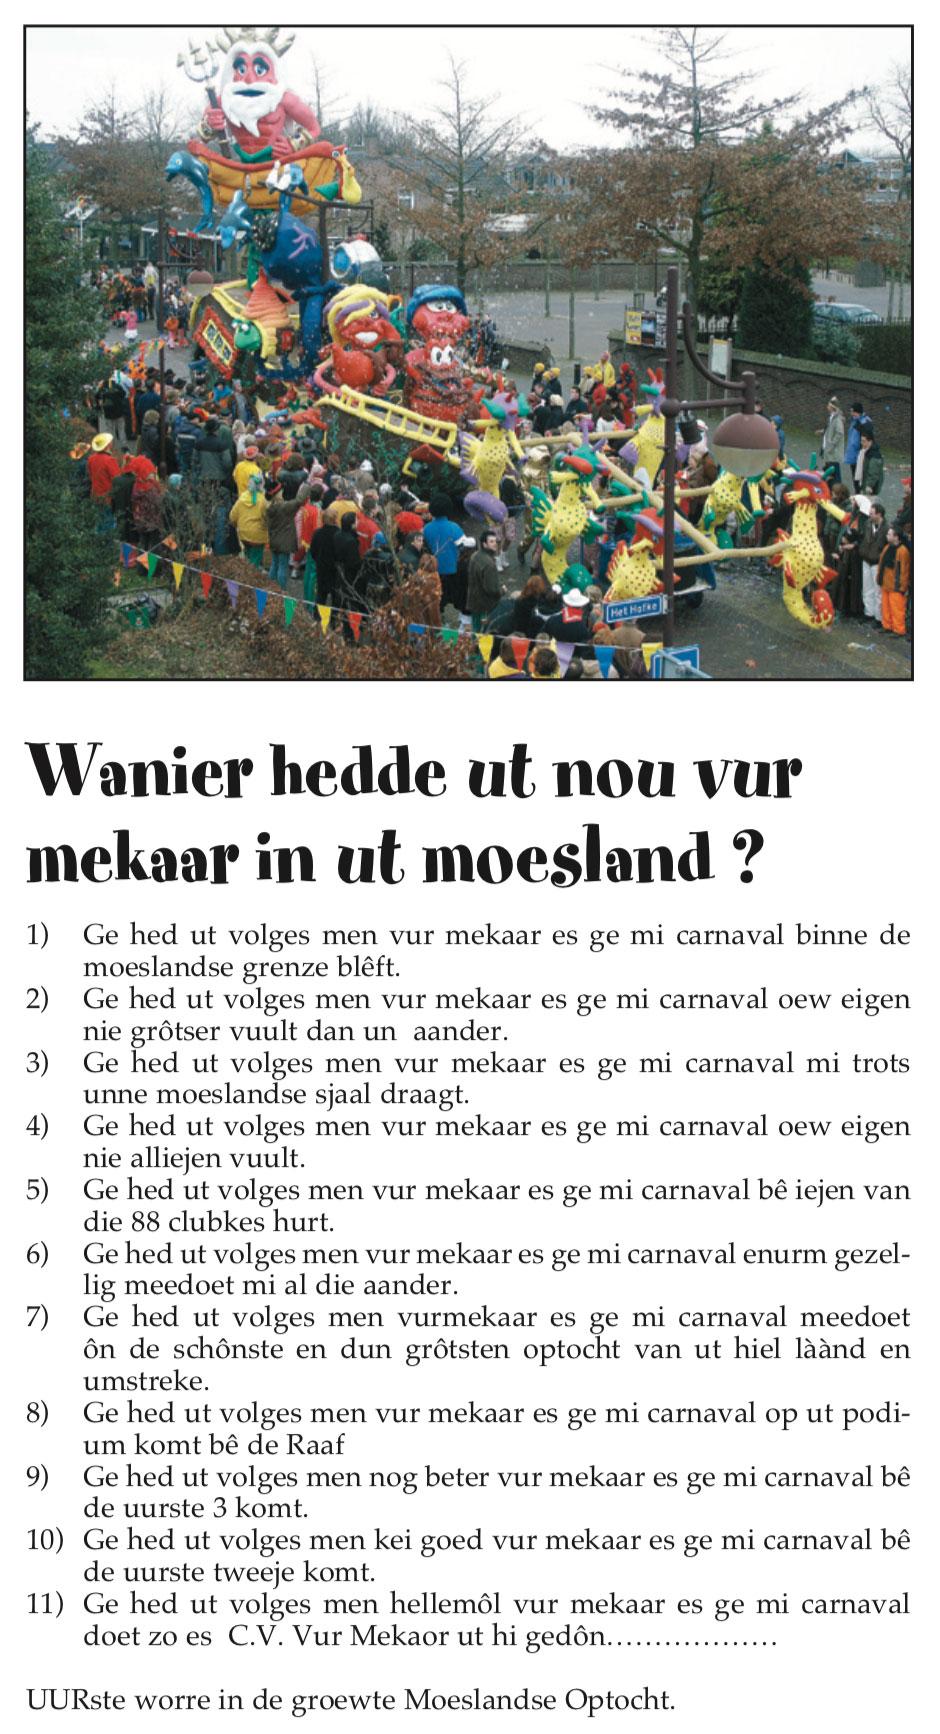 Stukje uit de carnavalskrant van Vur Mekoar - 2007